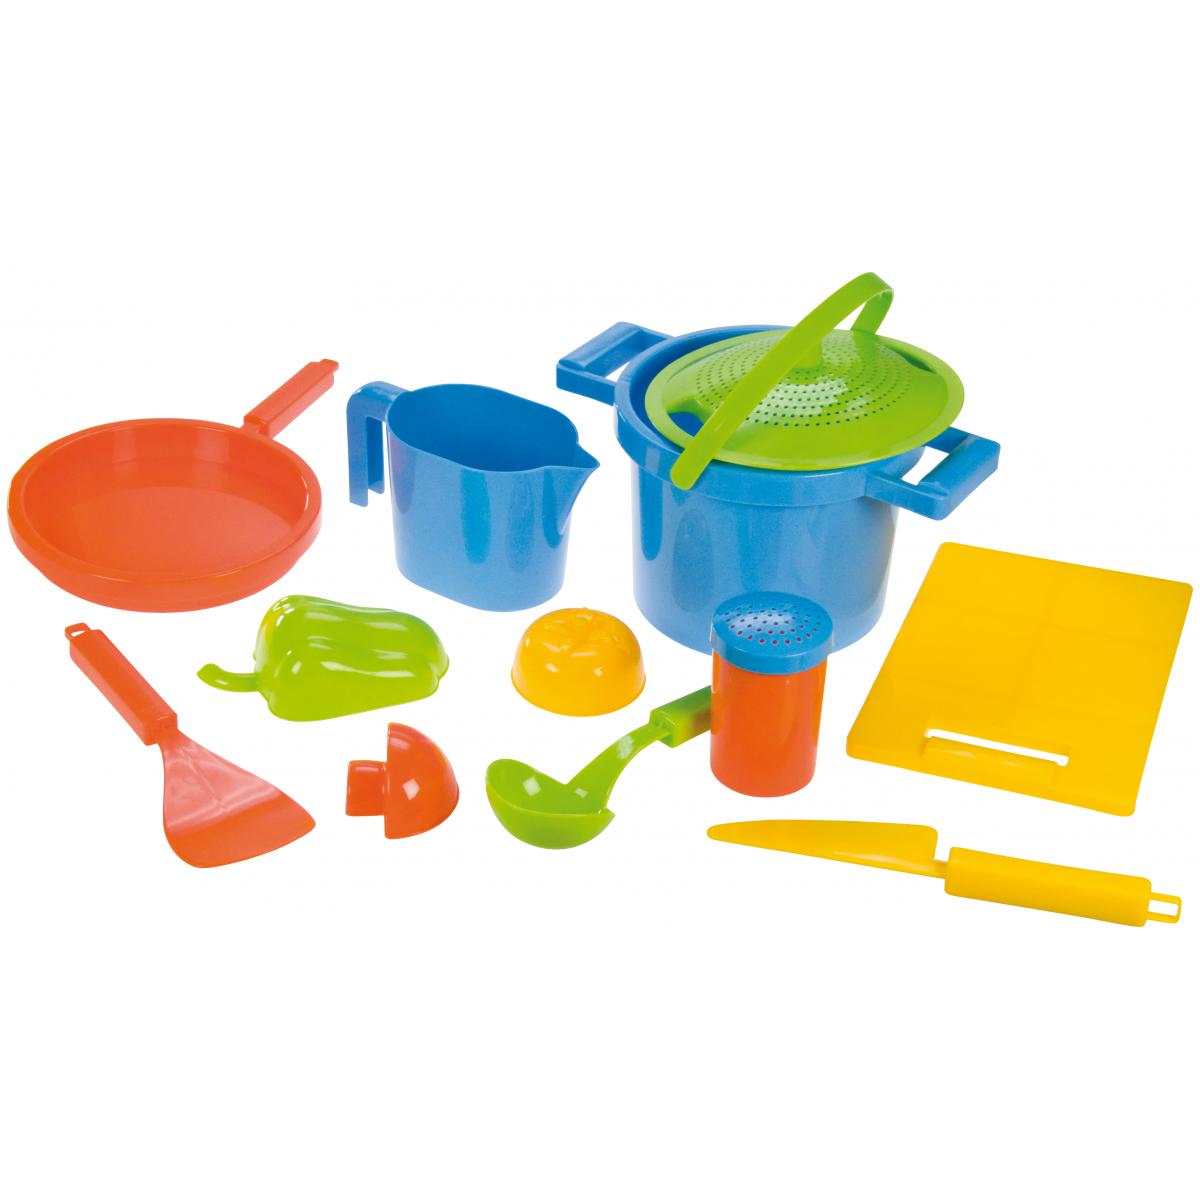 LENA 05411 - Pískový set k vaření, 12 dílů